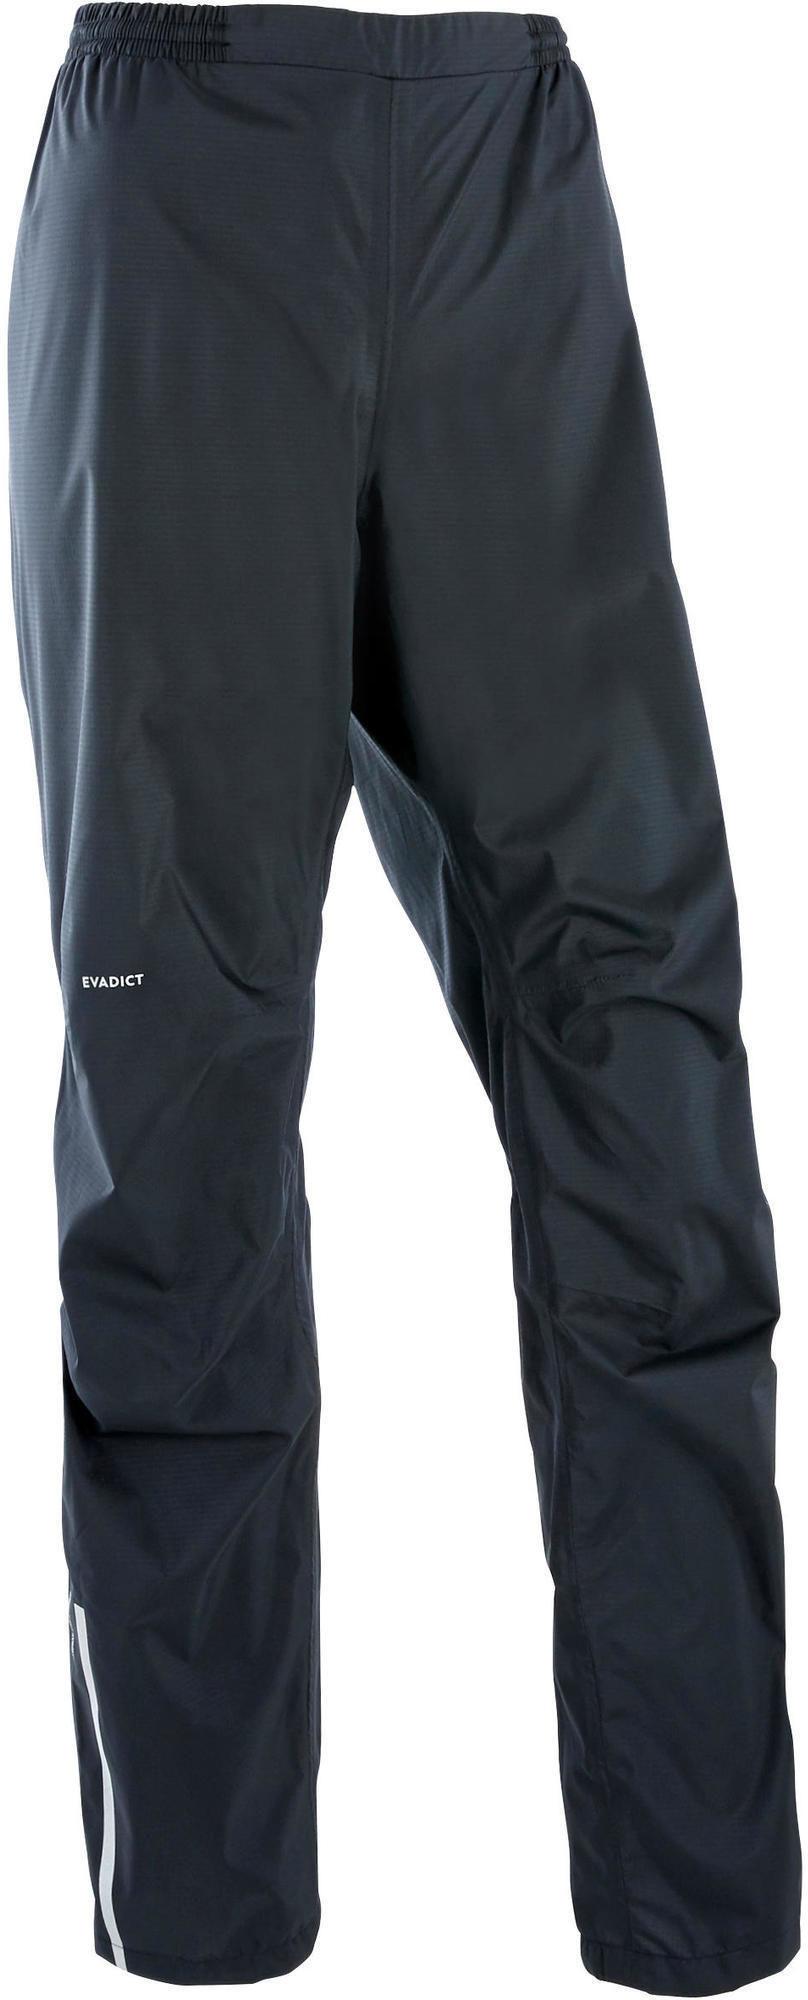 Spodnie do biegania w terenie przeciwdeszczowe damskie Evadict